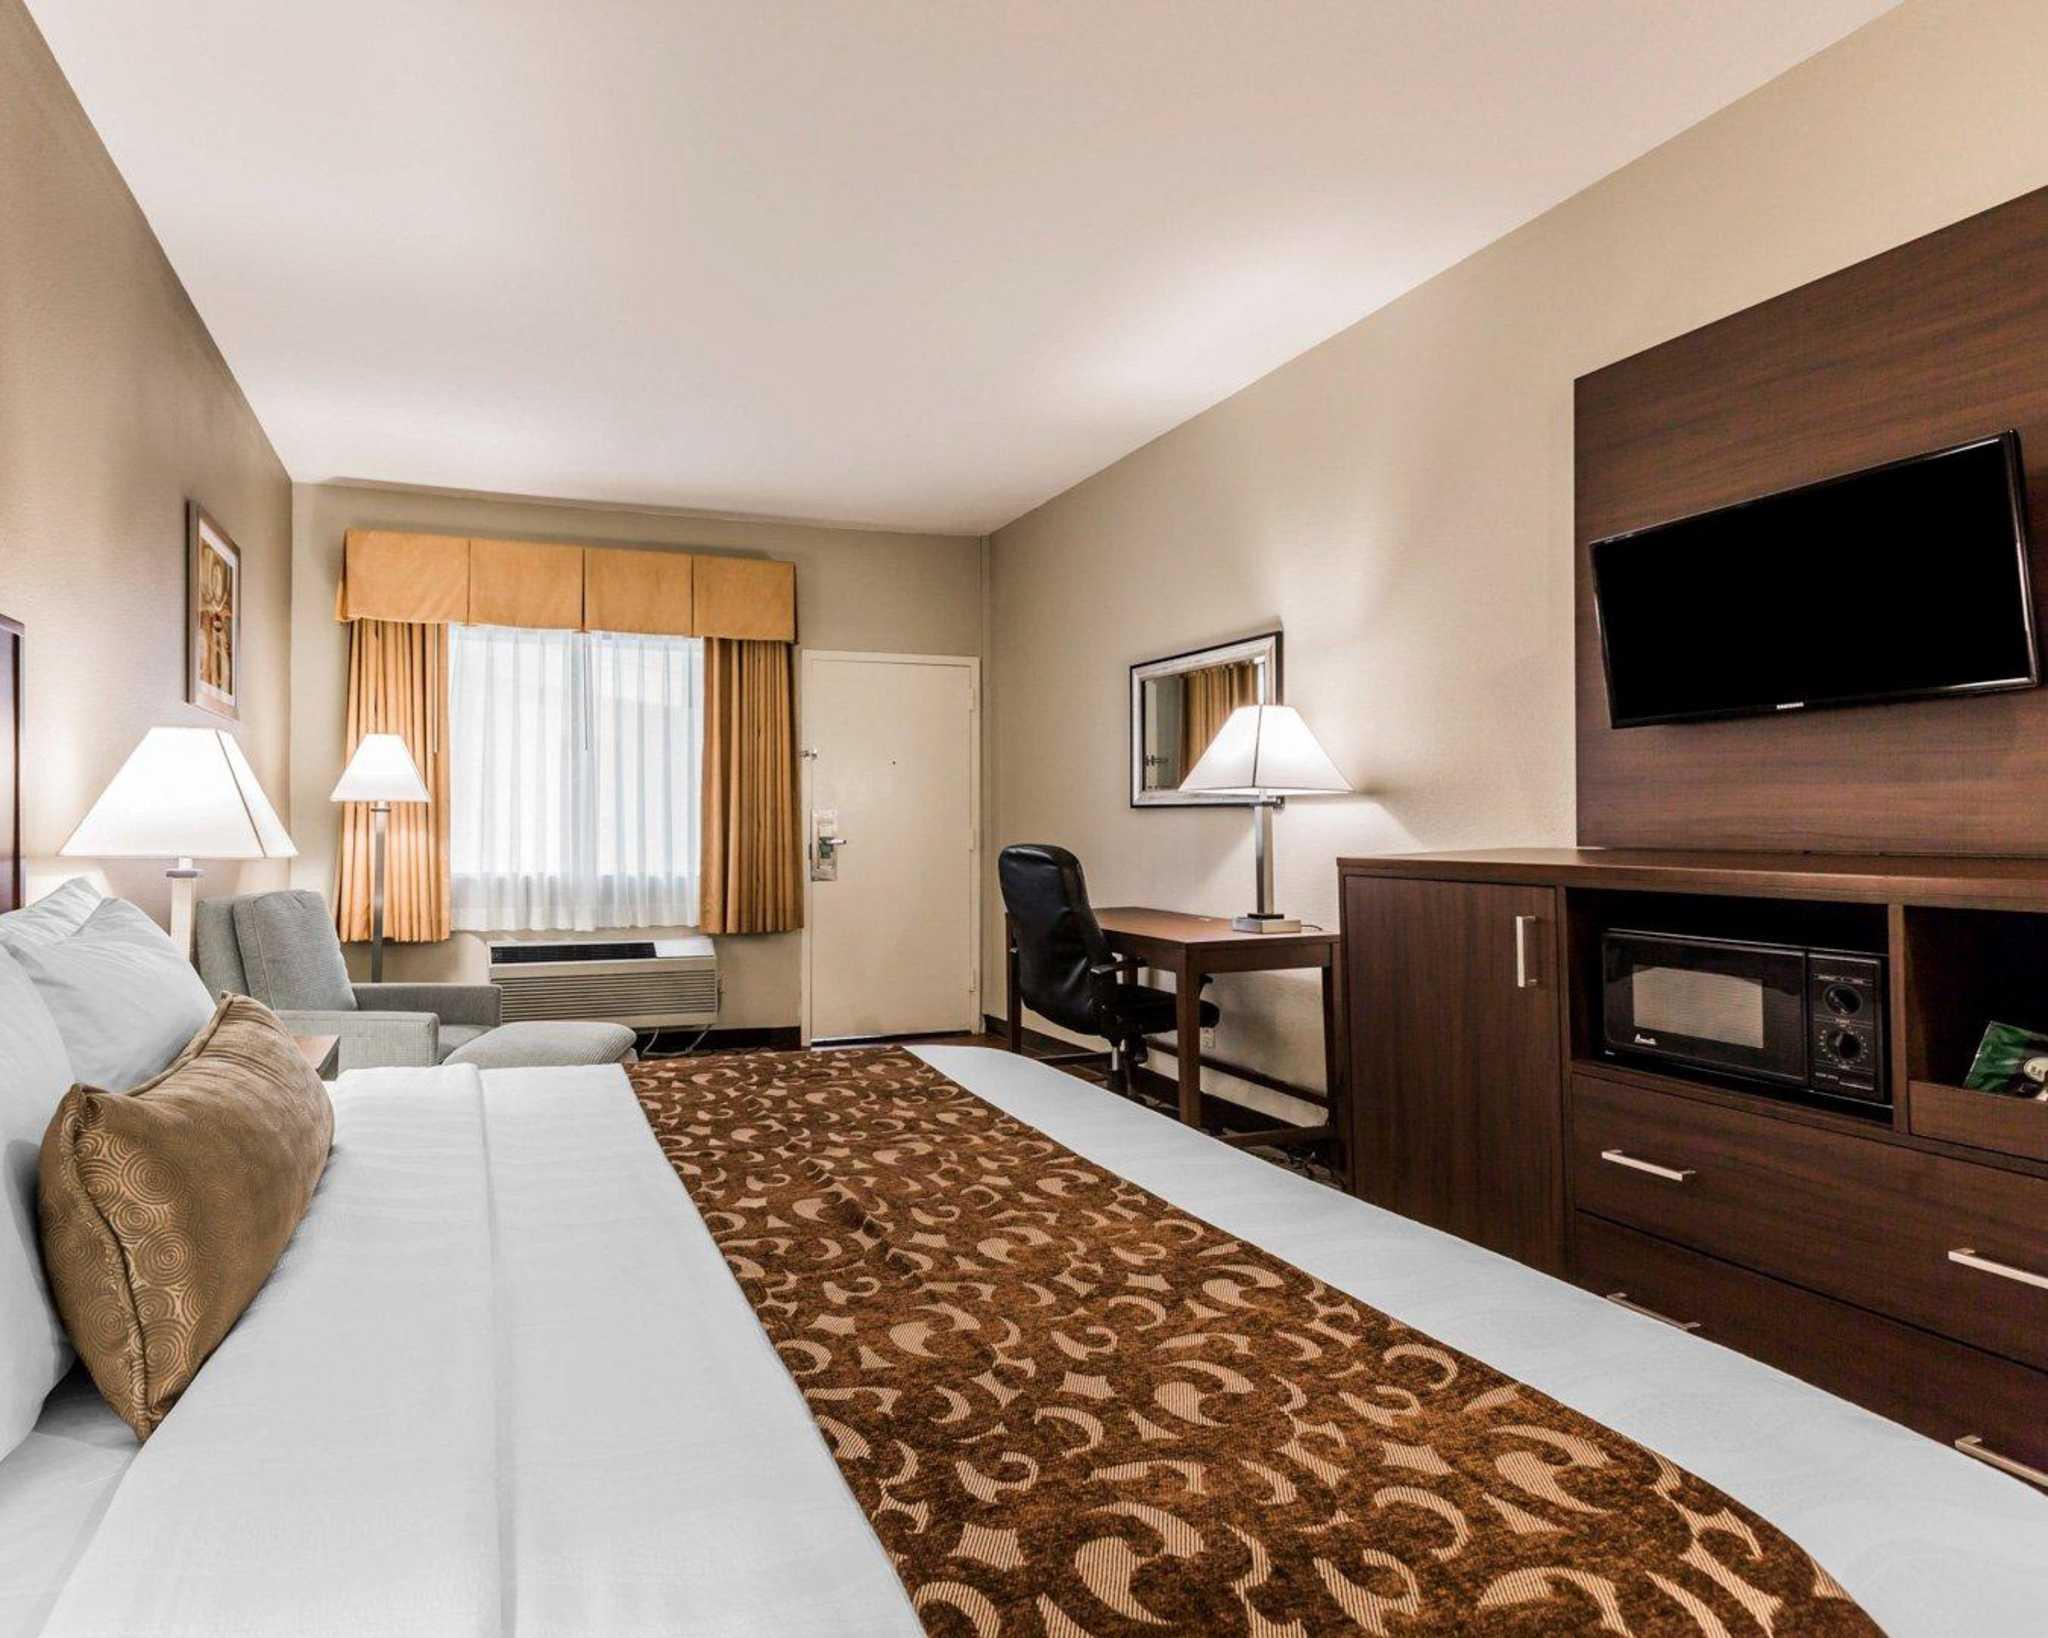 Comfort Inn & Suites Orange County John Wayne Airport image 10